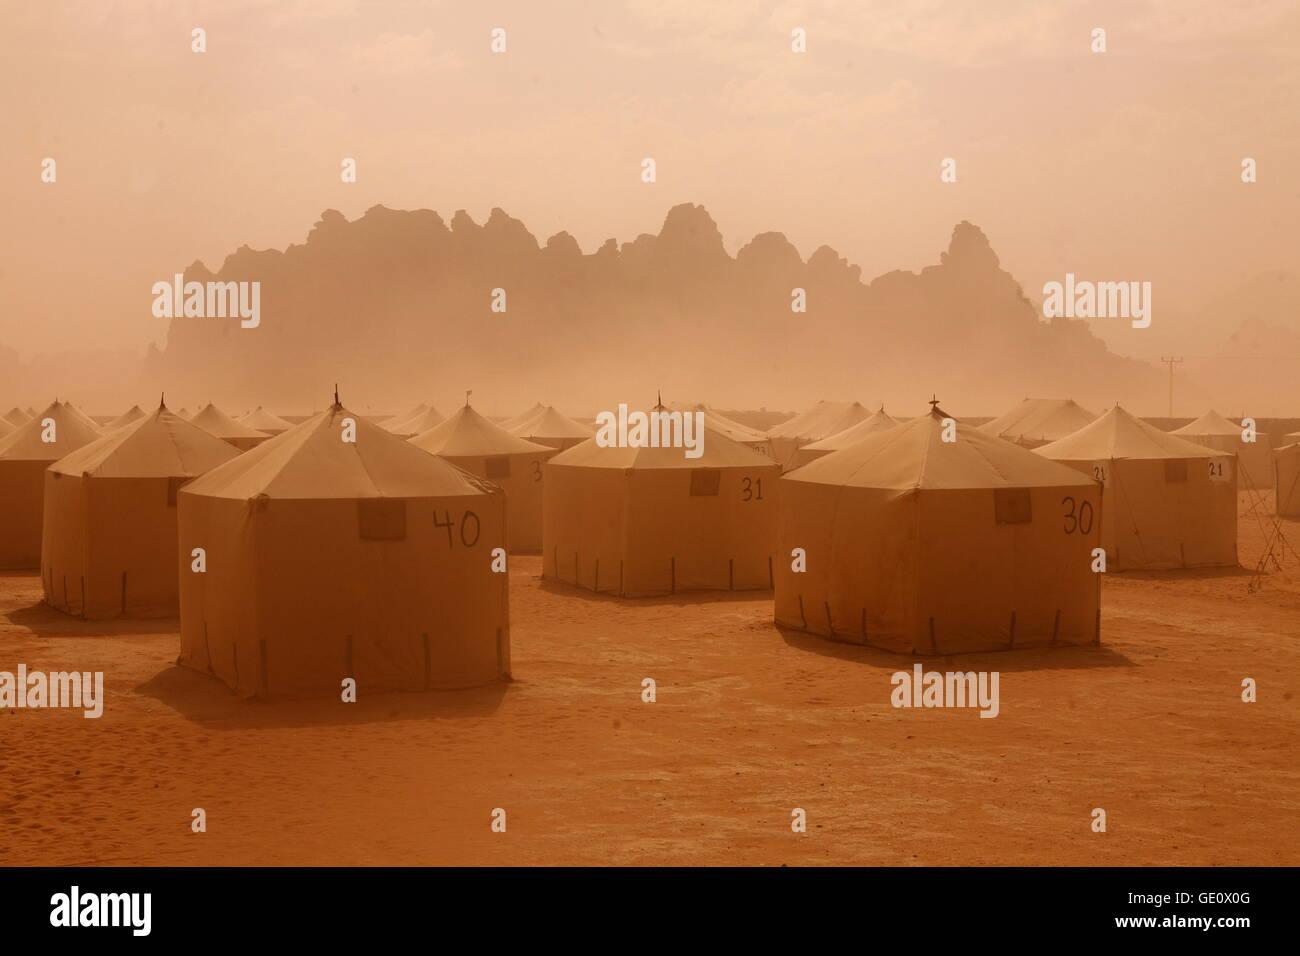 Una tempesta di sabbia nel paesaggio del Wadi Rum Desert in Giordania in medio oriente. Immagini Stock